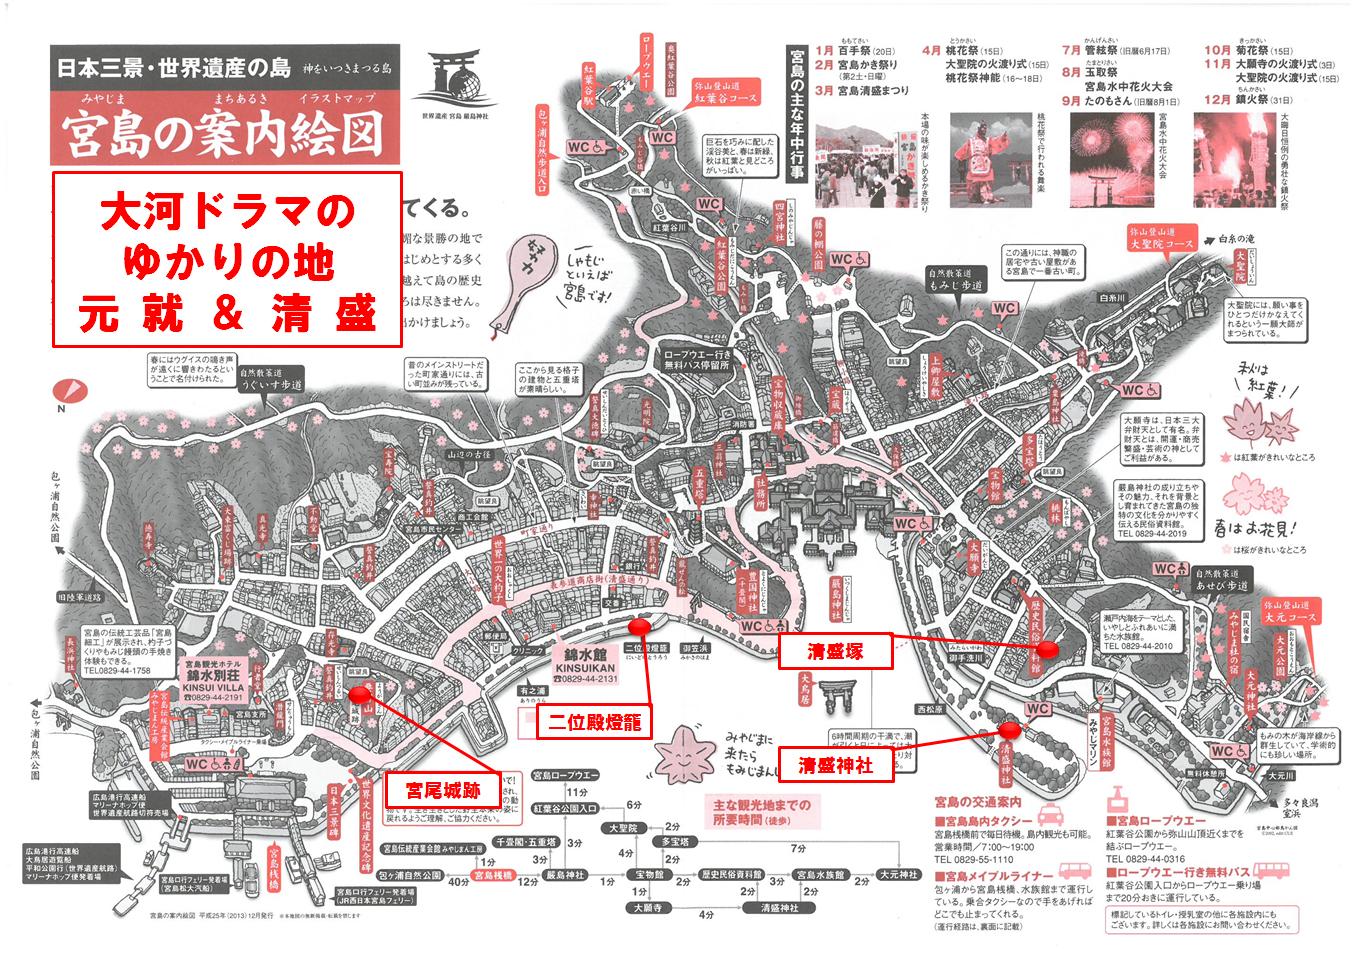 宮島 大河ドラマ ゆかりの地 マップ